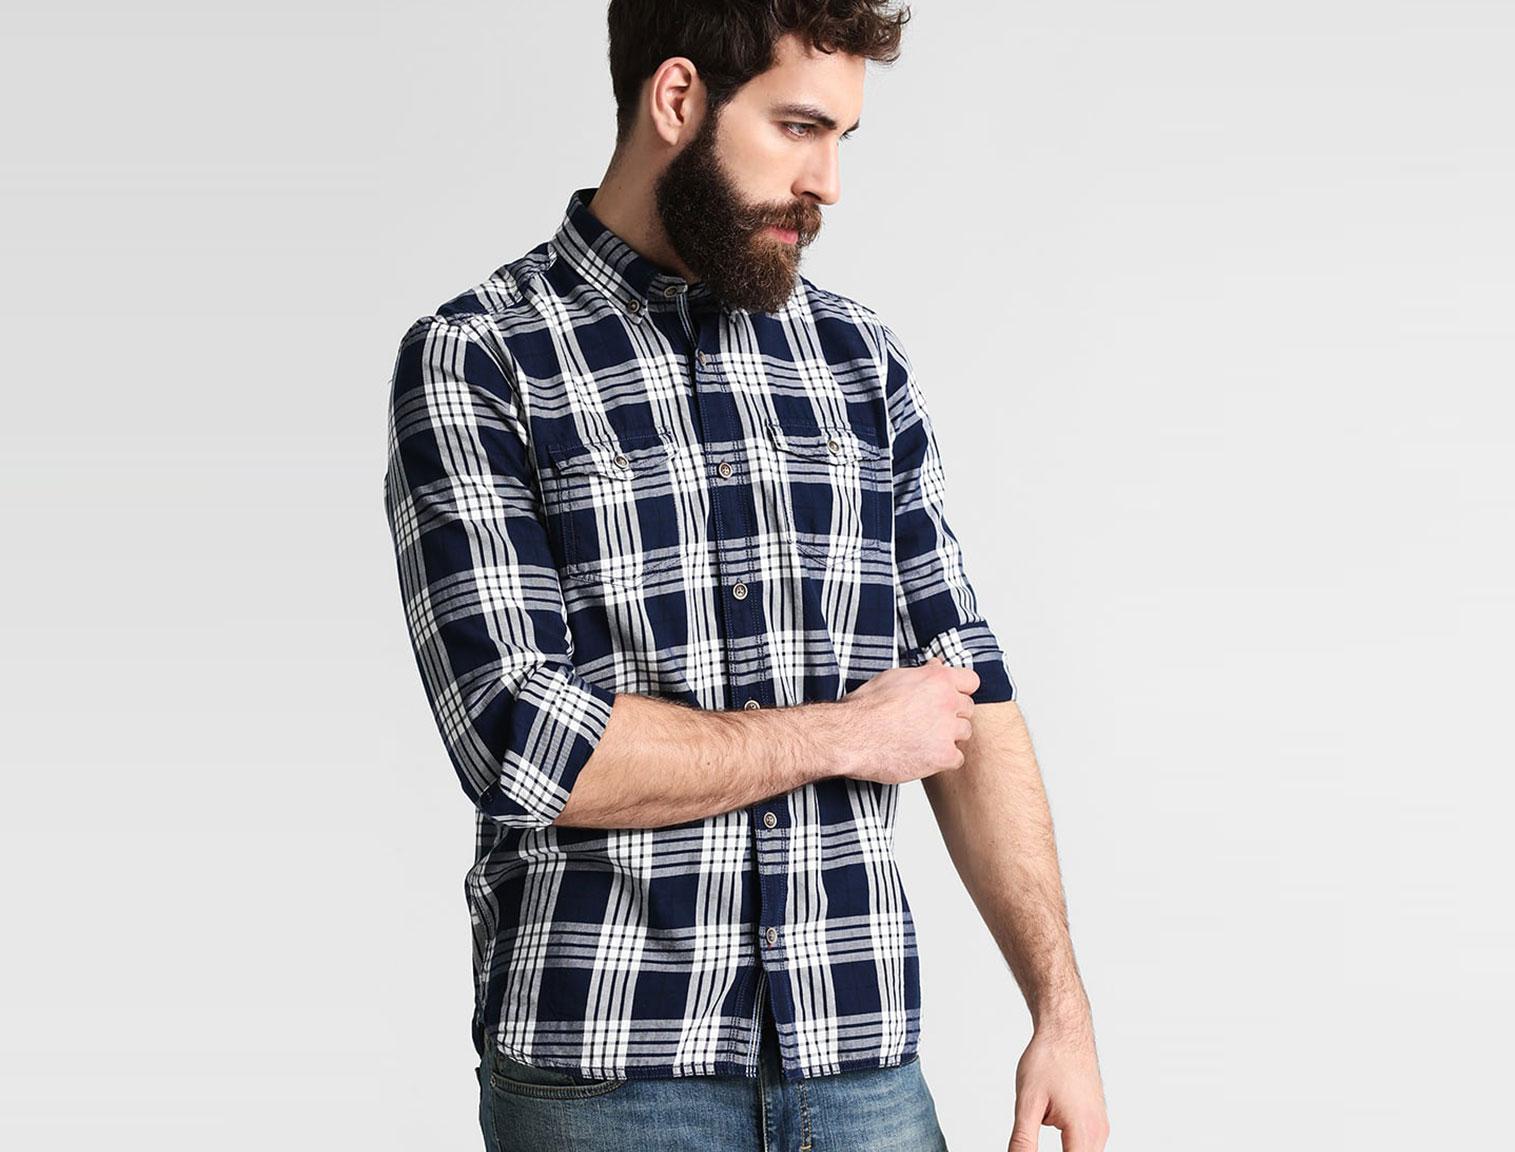 Hombre con camisa de cuadros azul y blanca 6c36a40f79c